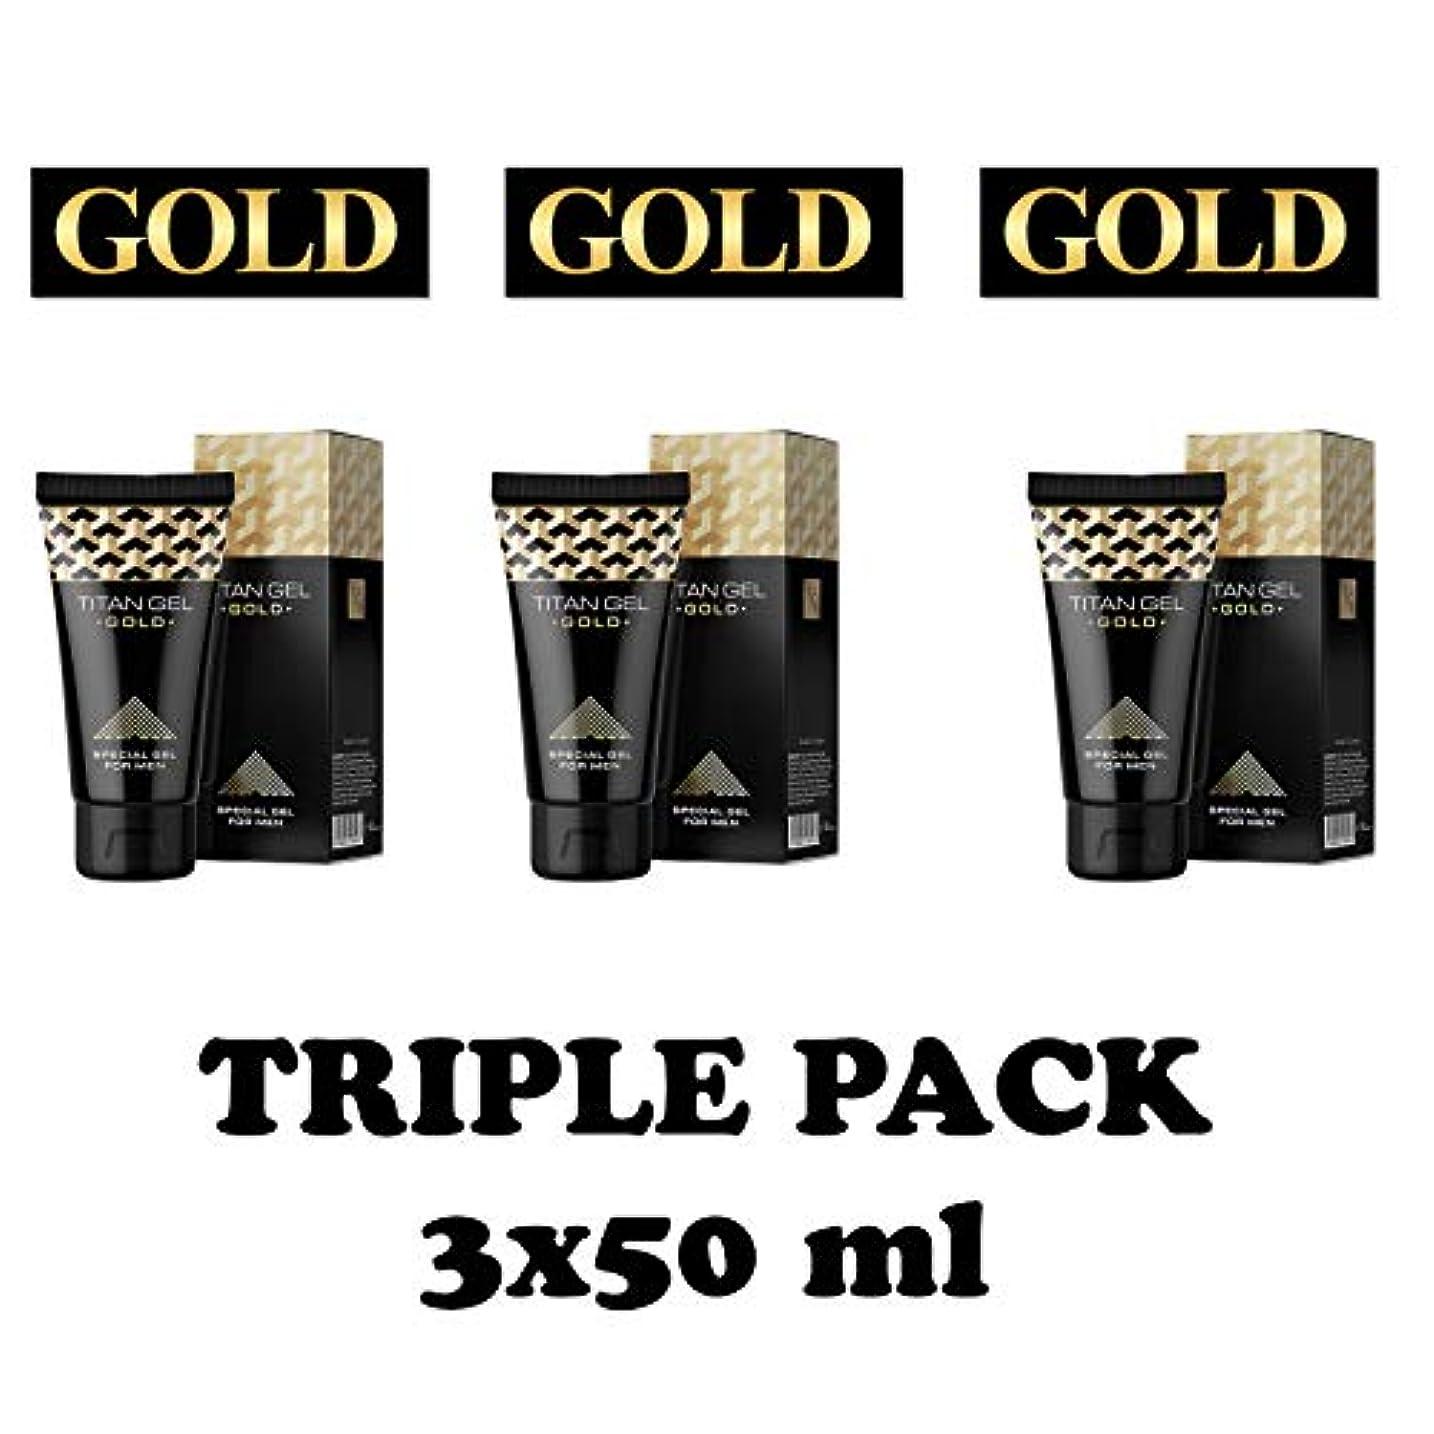 オフェンス文明化する湖タイタンジェル ゴールド Titan gel Gold 50ml 3箱セット 日本語説明付き [並行輸入品]